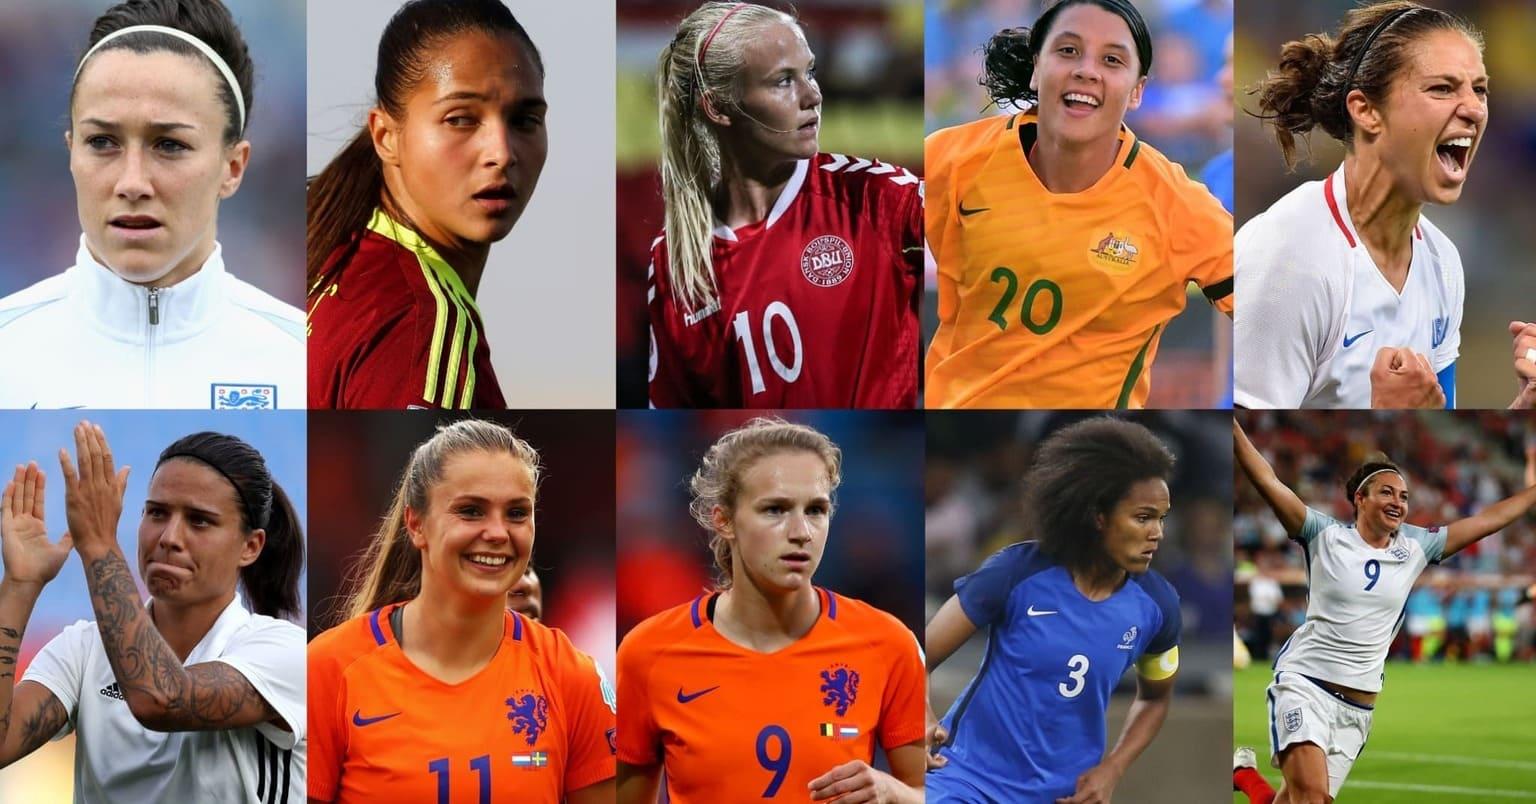 mejores jugadoras de fútbol femenino